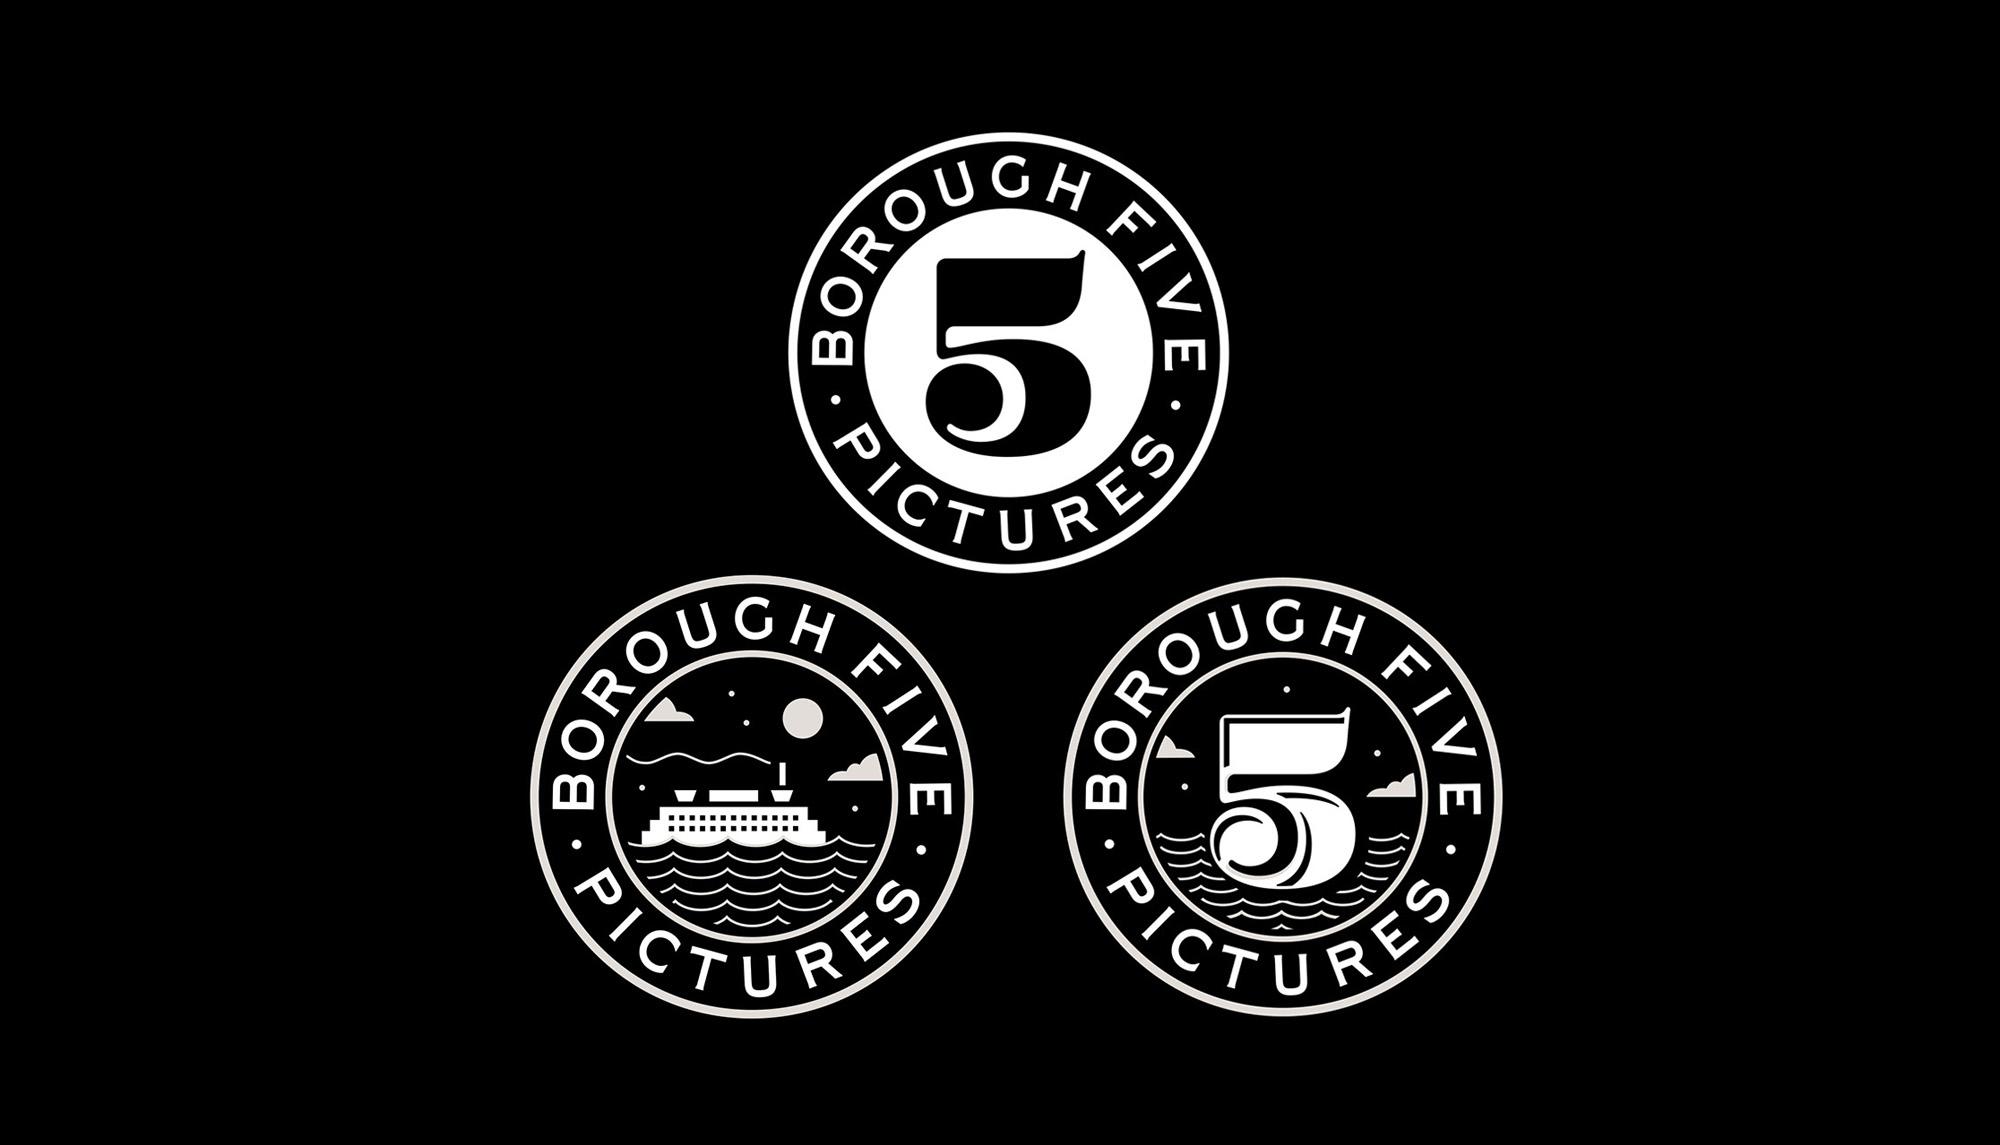 B5_Final_Logos-19.jpg